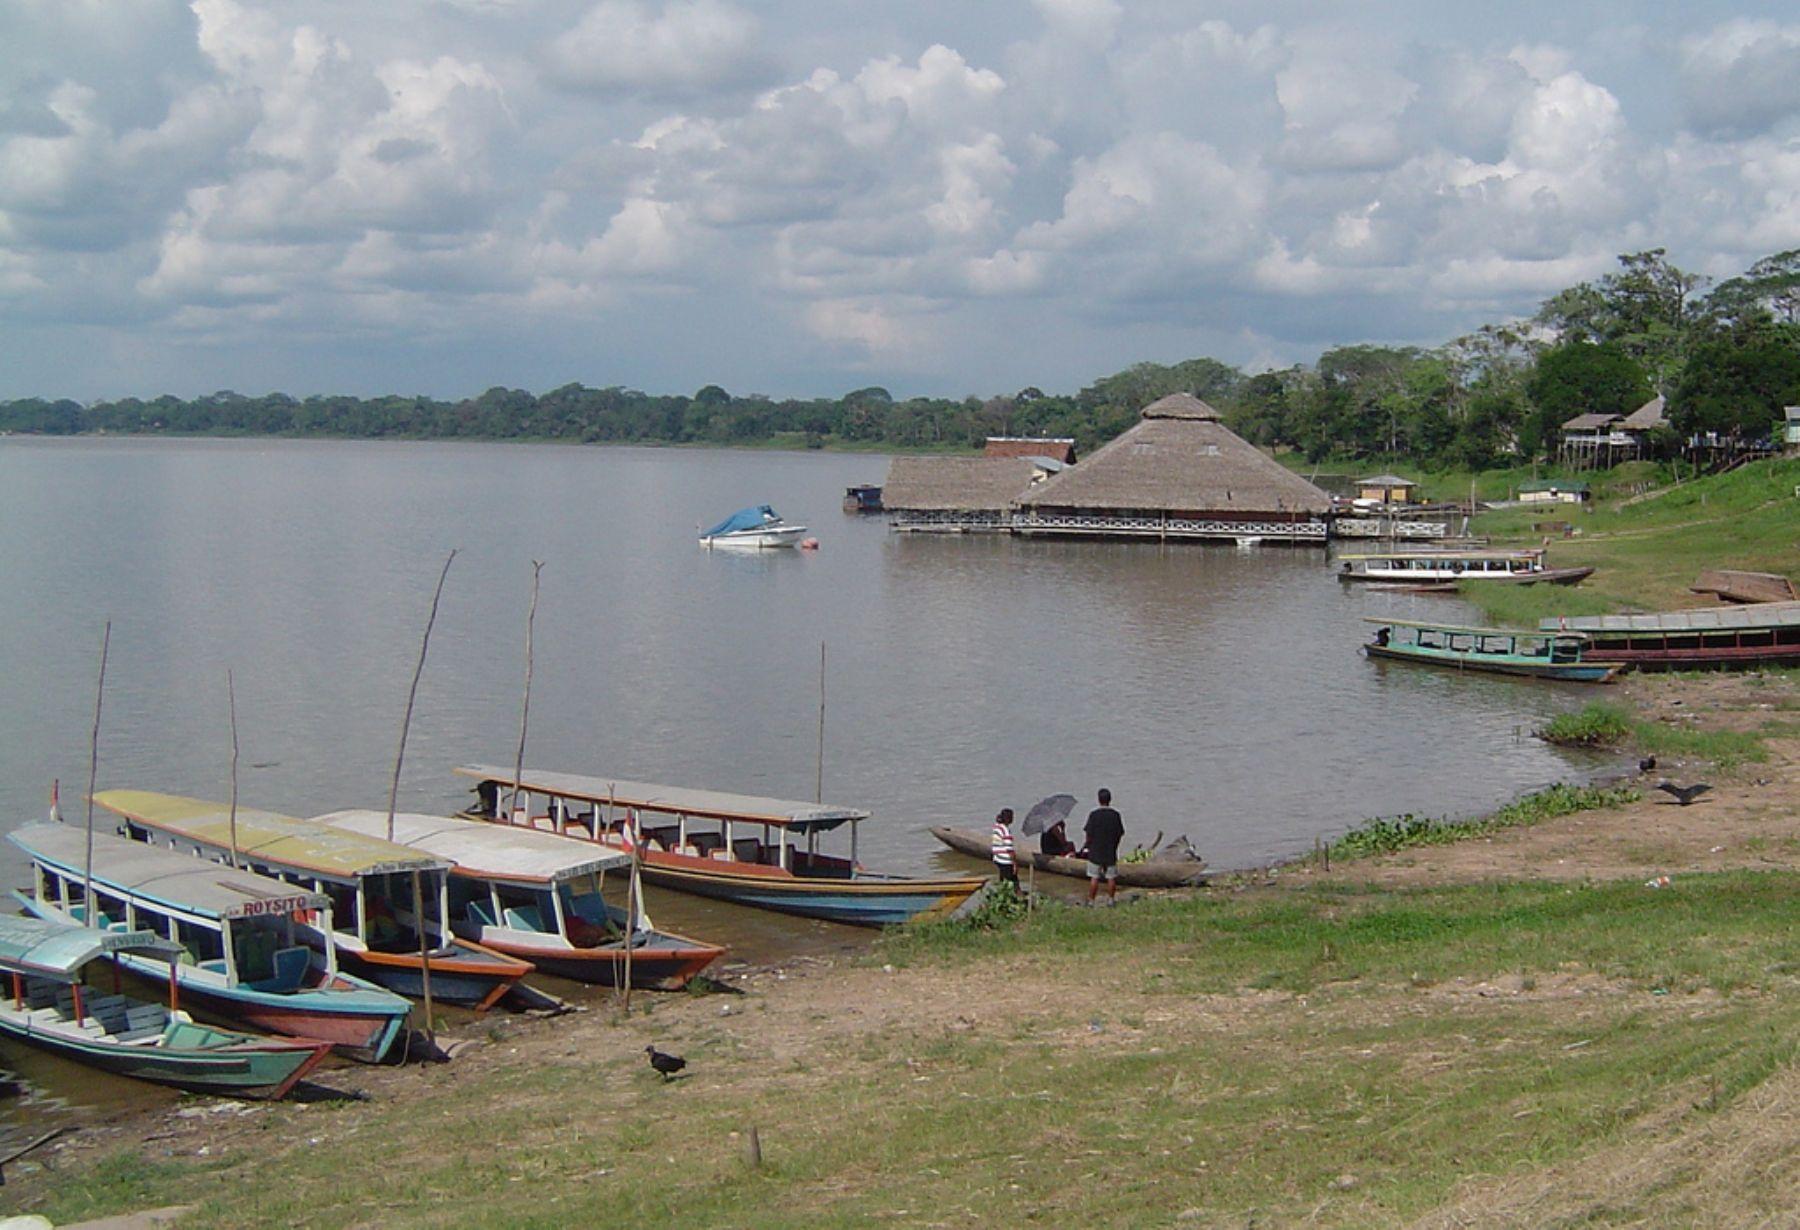 Región Ucayali pondrá en marcha acondicionamiento turístico de laguna  Yarinacocha | Noticias | Agencia Peruana de Noticias Andina